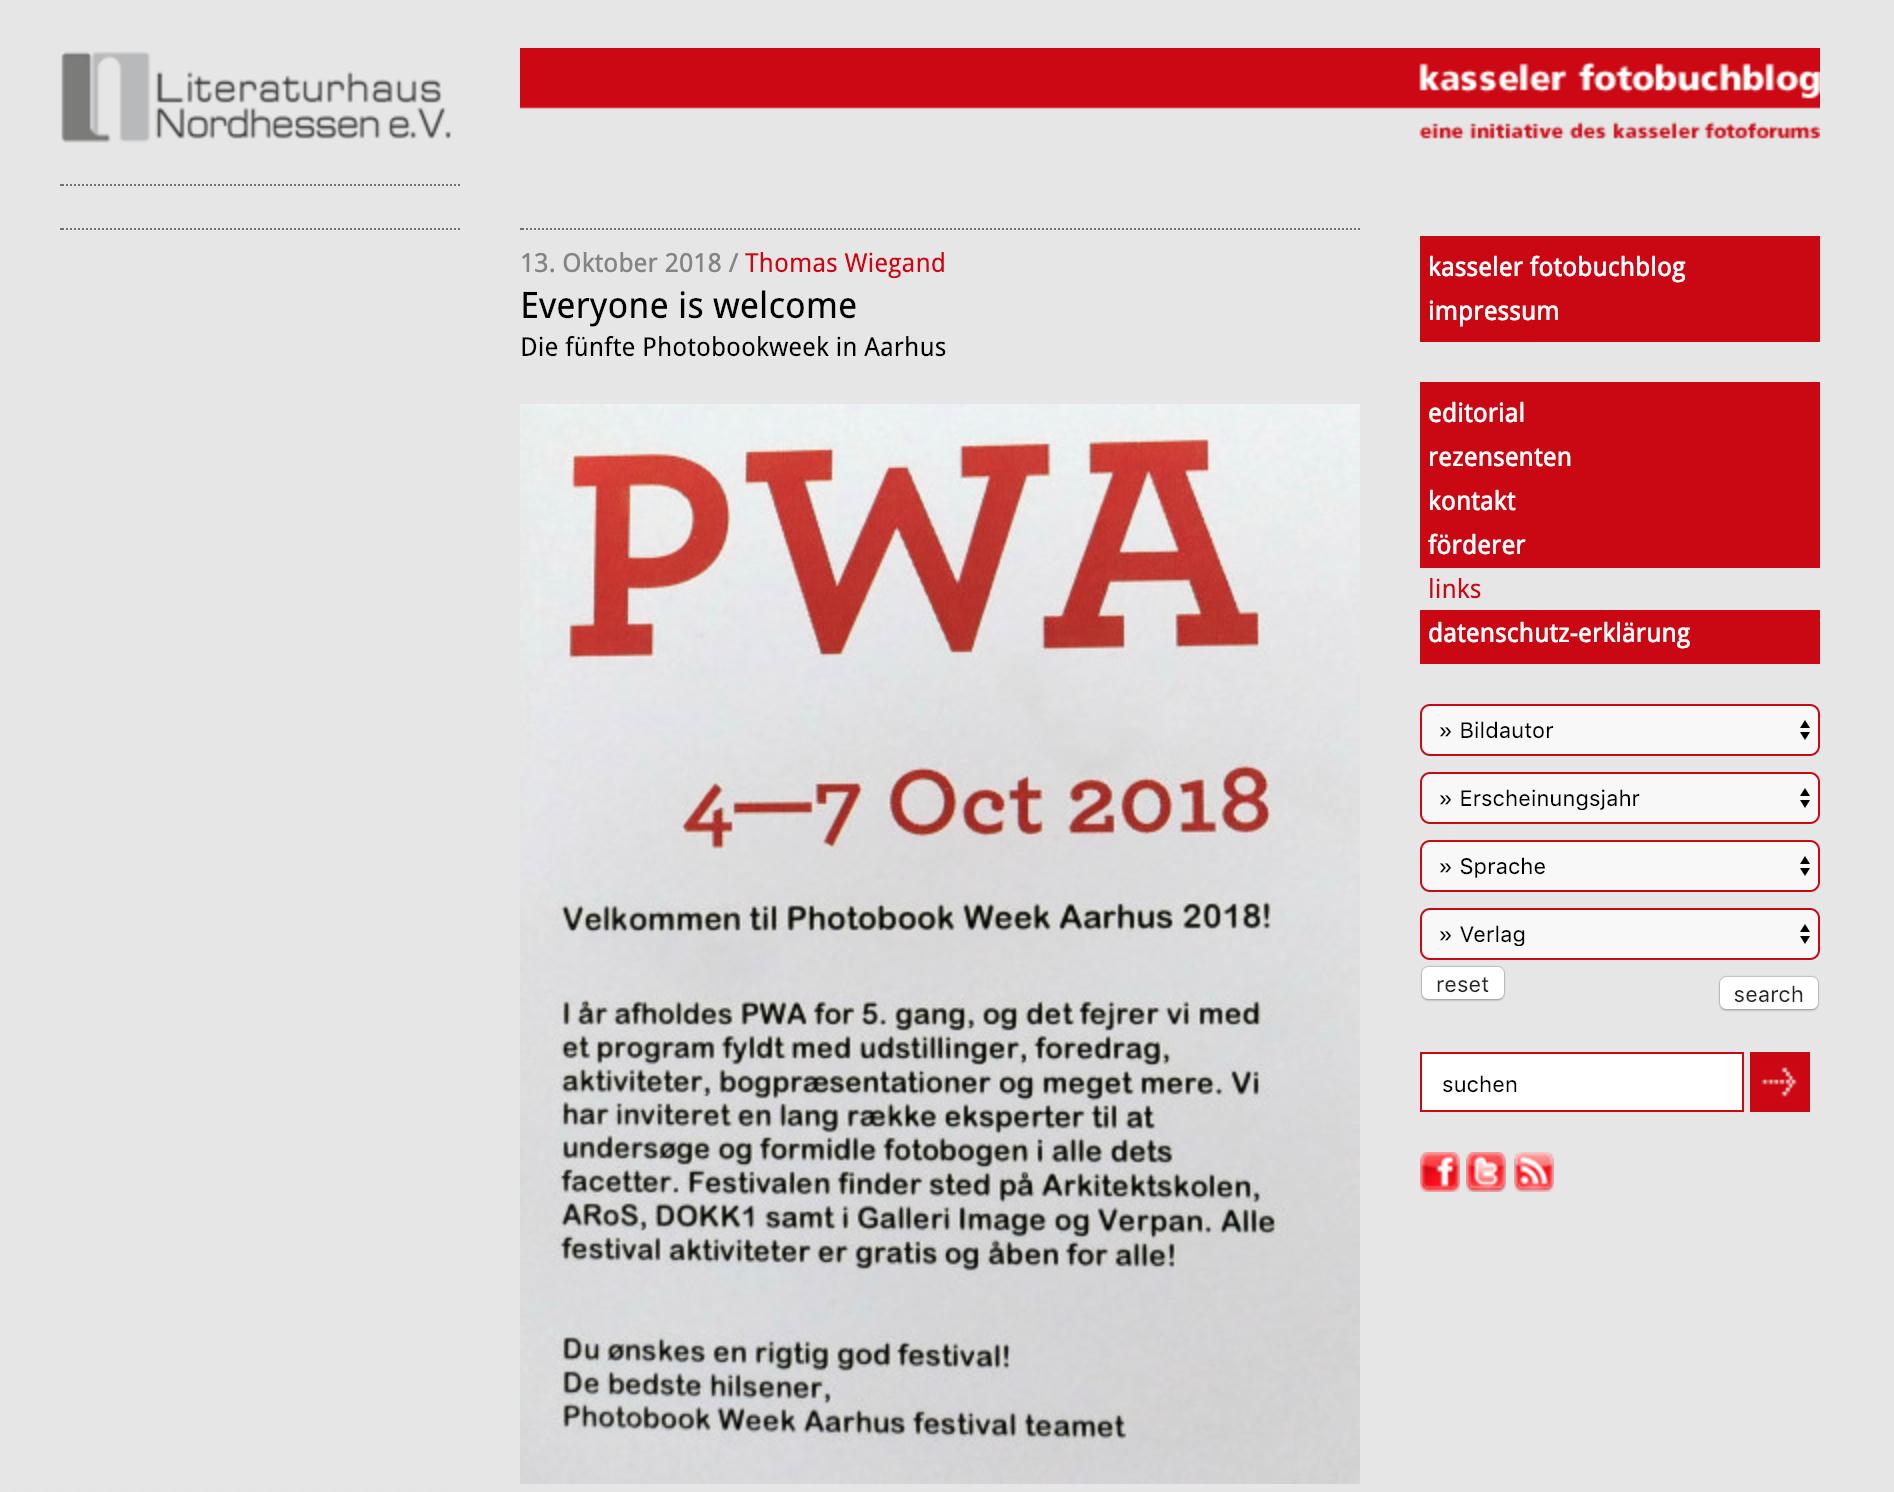 Read Thomas Wiegand post on Photobook Week Aarhus 2018